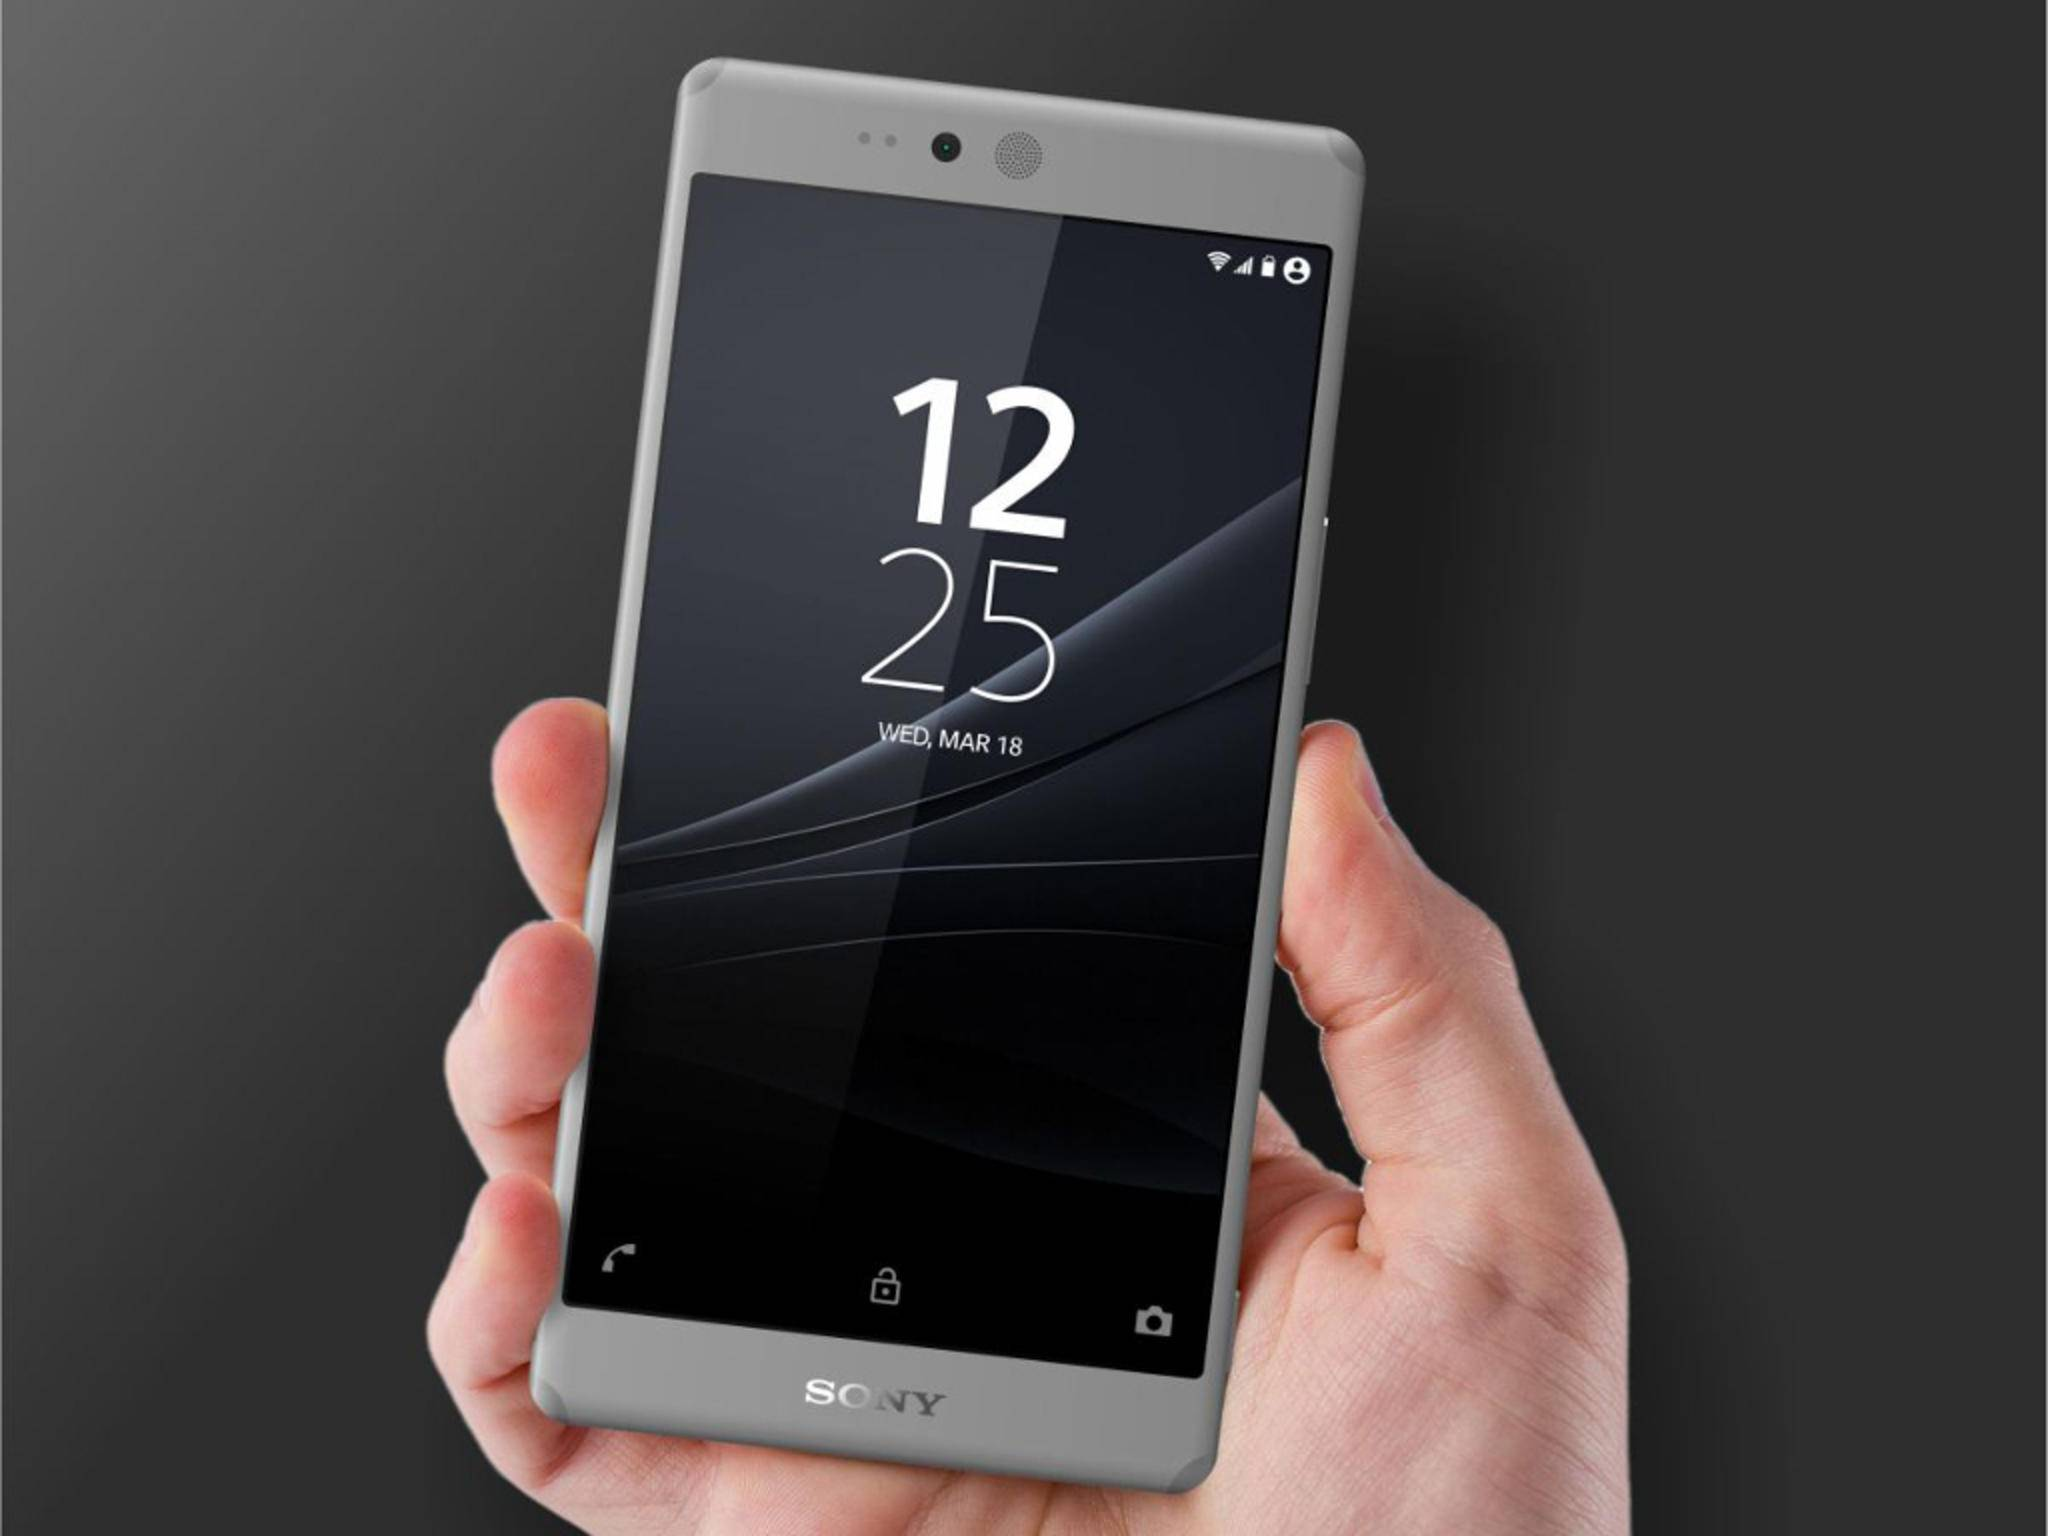 Bislang liefern vor allem Konzeptbilder einen Ausblick auf das Sony Xperia Z5.